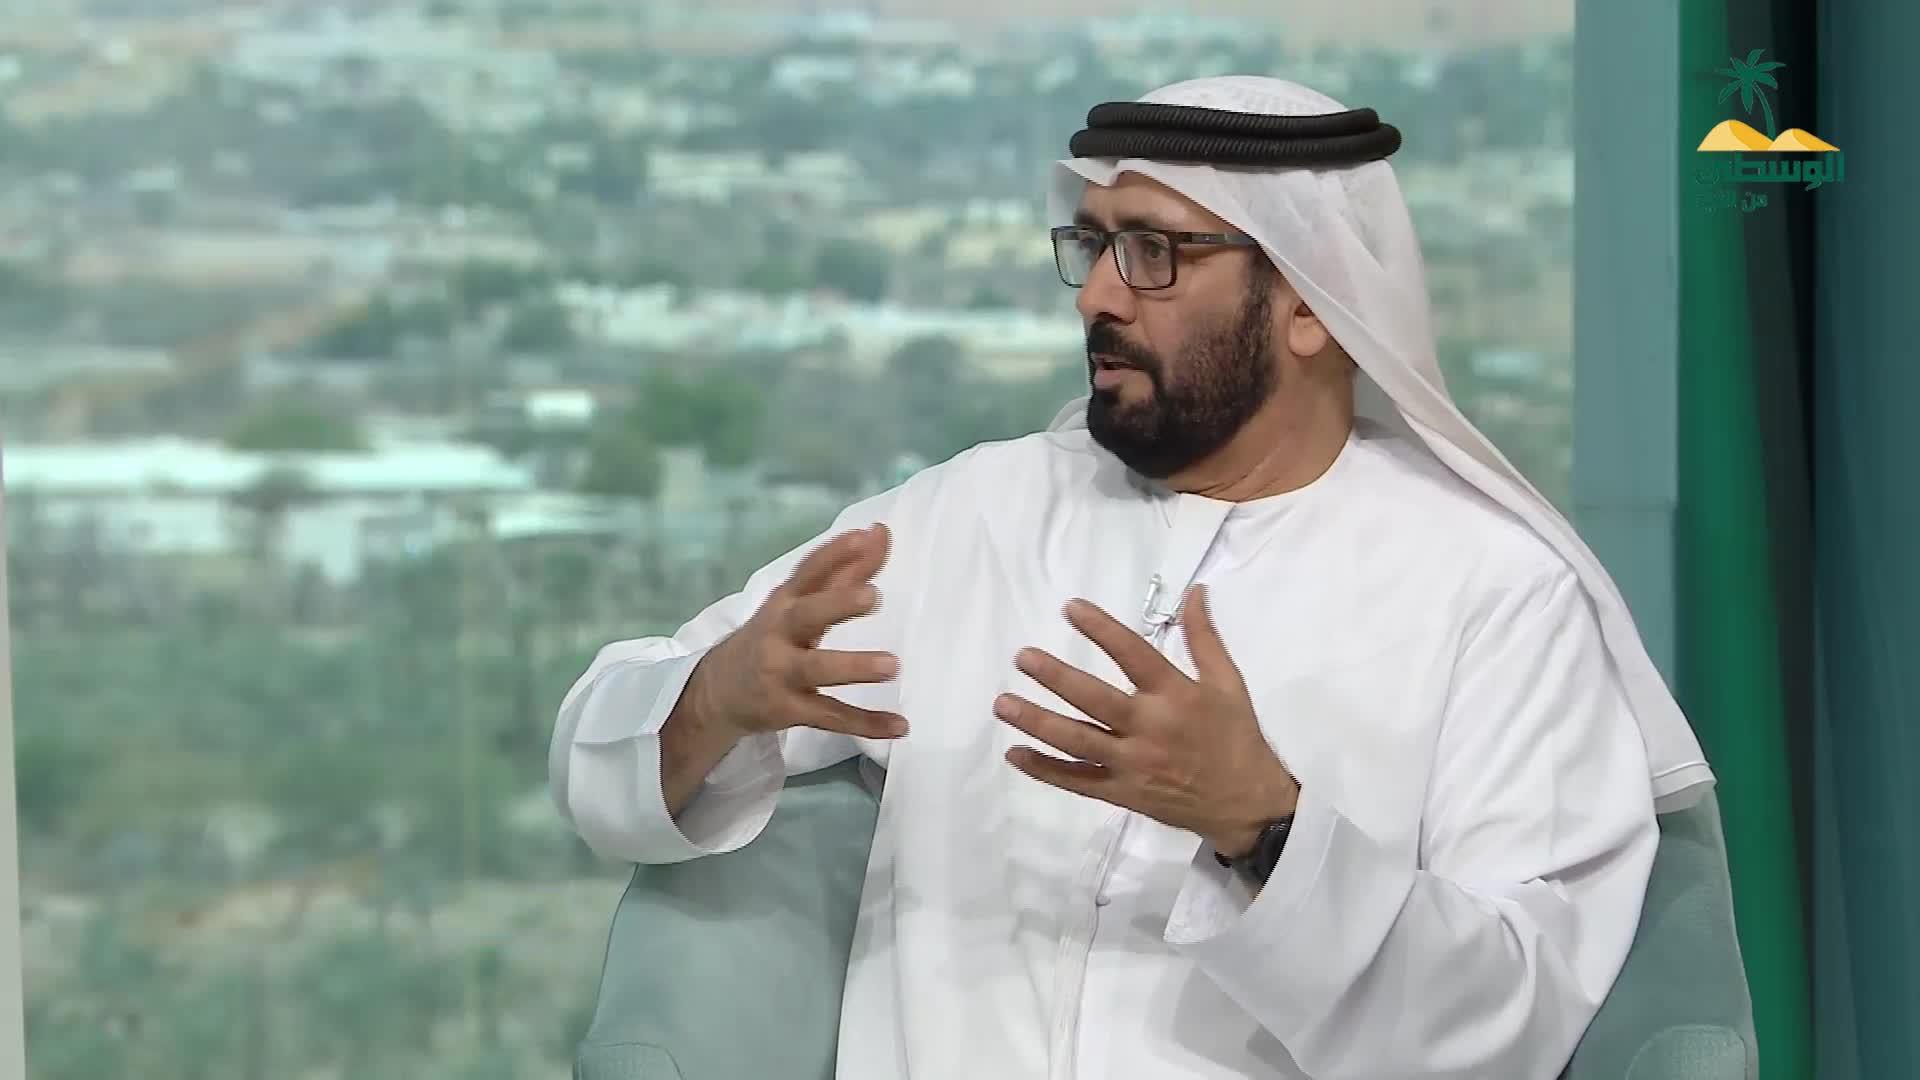 يوميات الوسطى - د. سالم زايد الطنيجي - د. عادل عبداللطيف